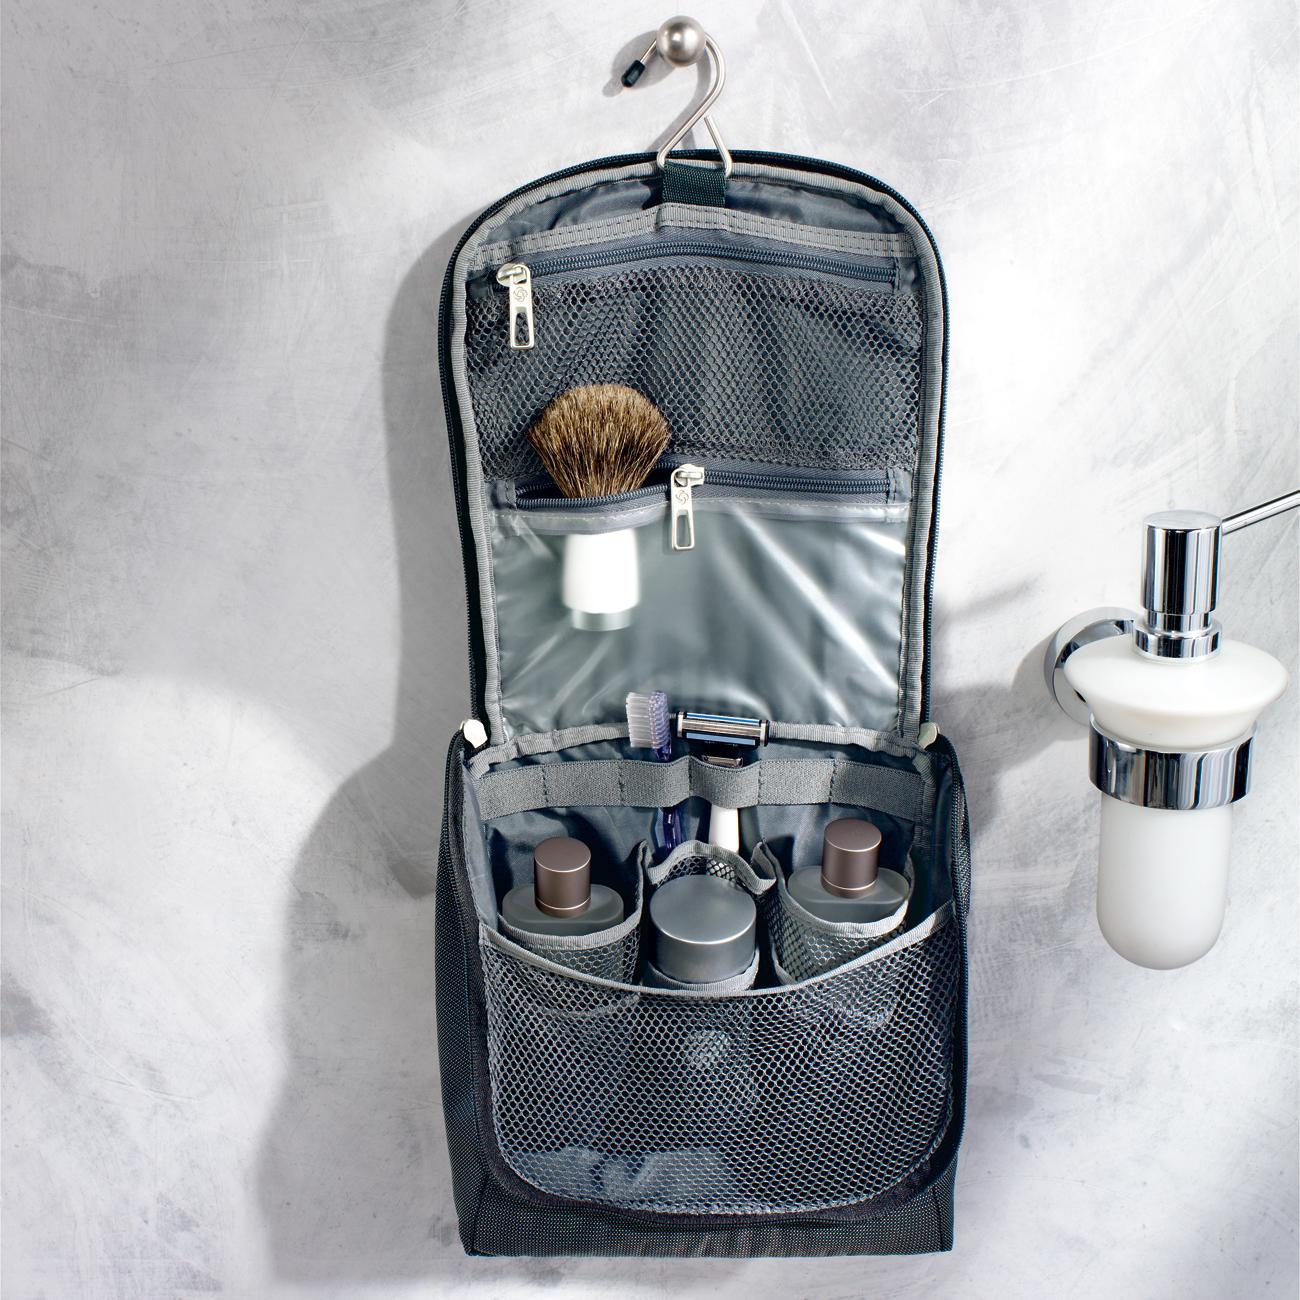 samsonite kulturtasche 3 jahre garantie pro idee. Black Bedroom Furniture Sets. Home Design Ideas